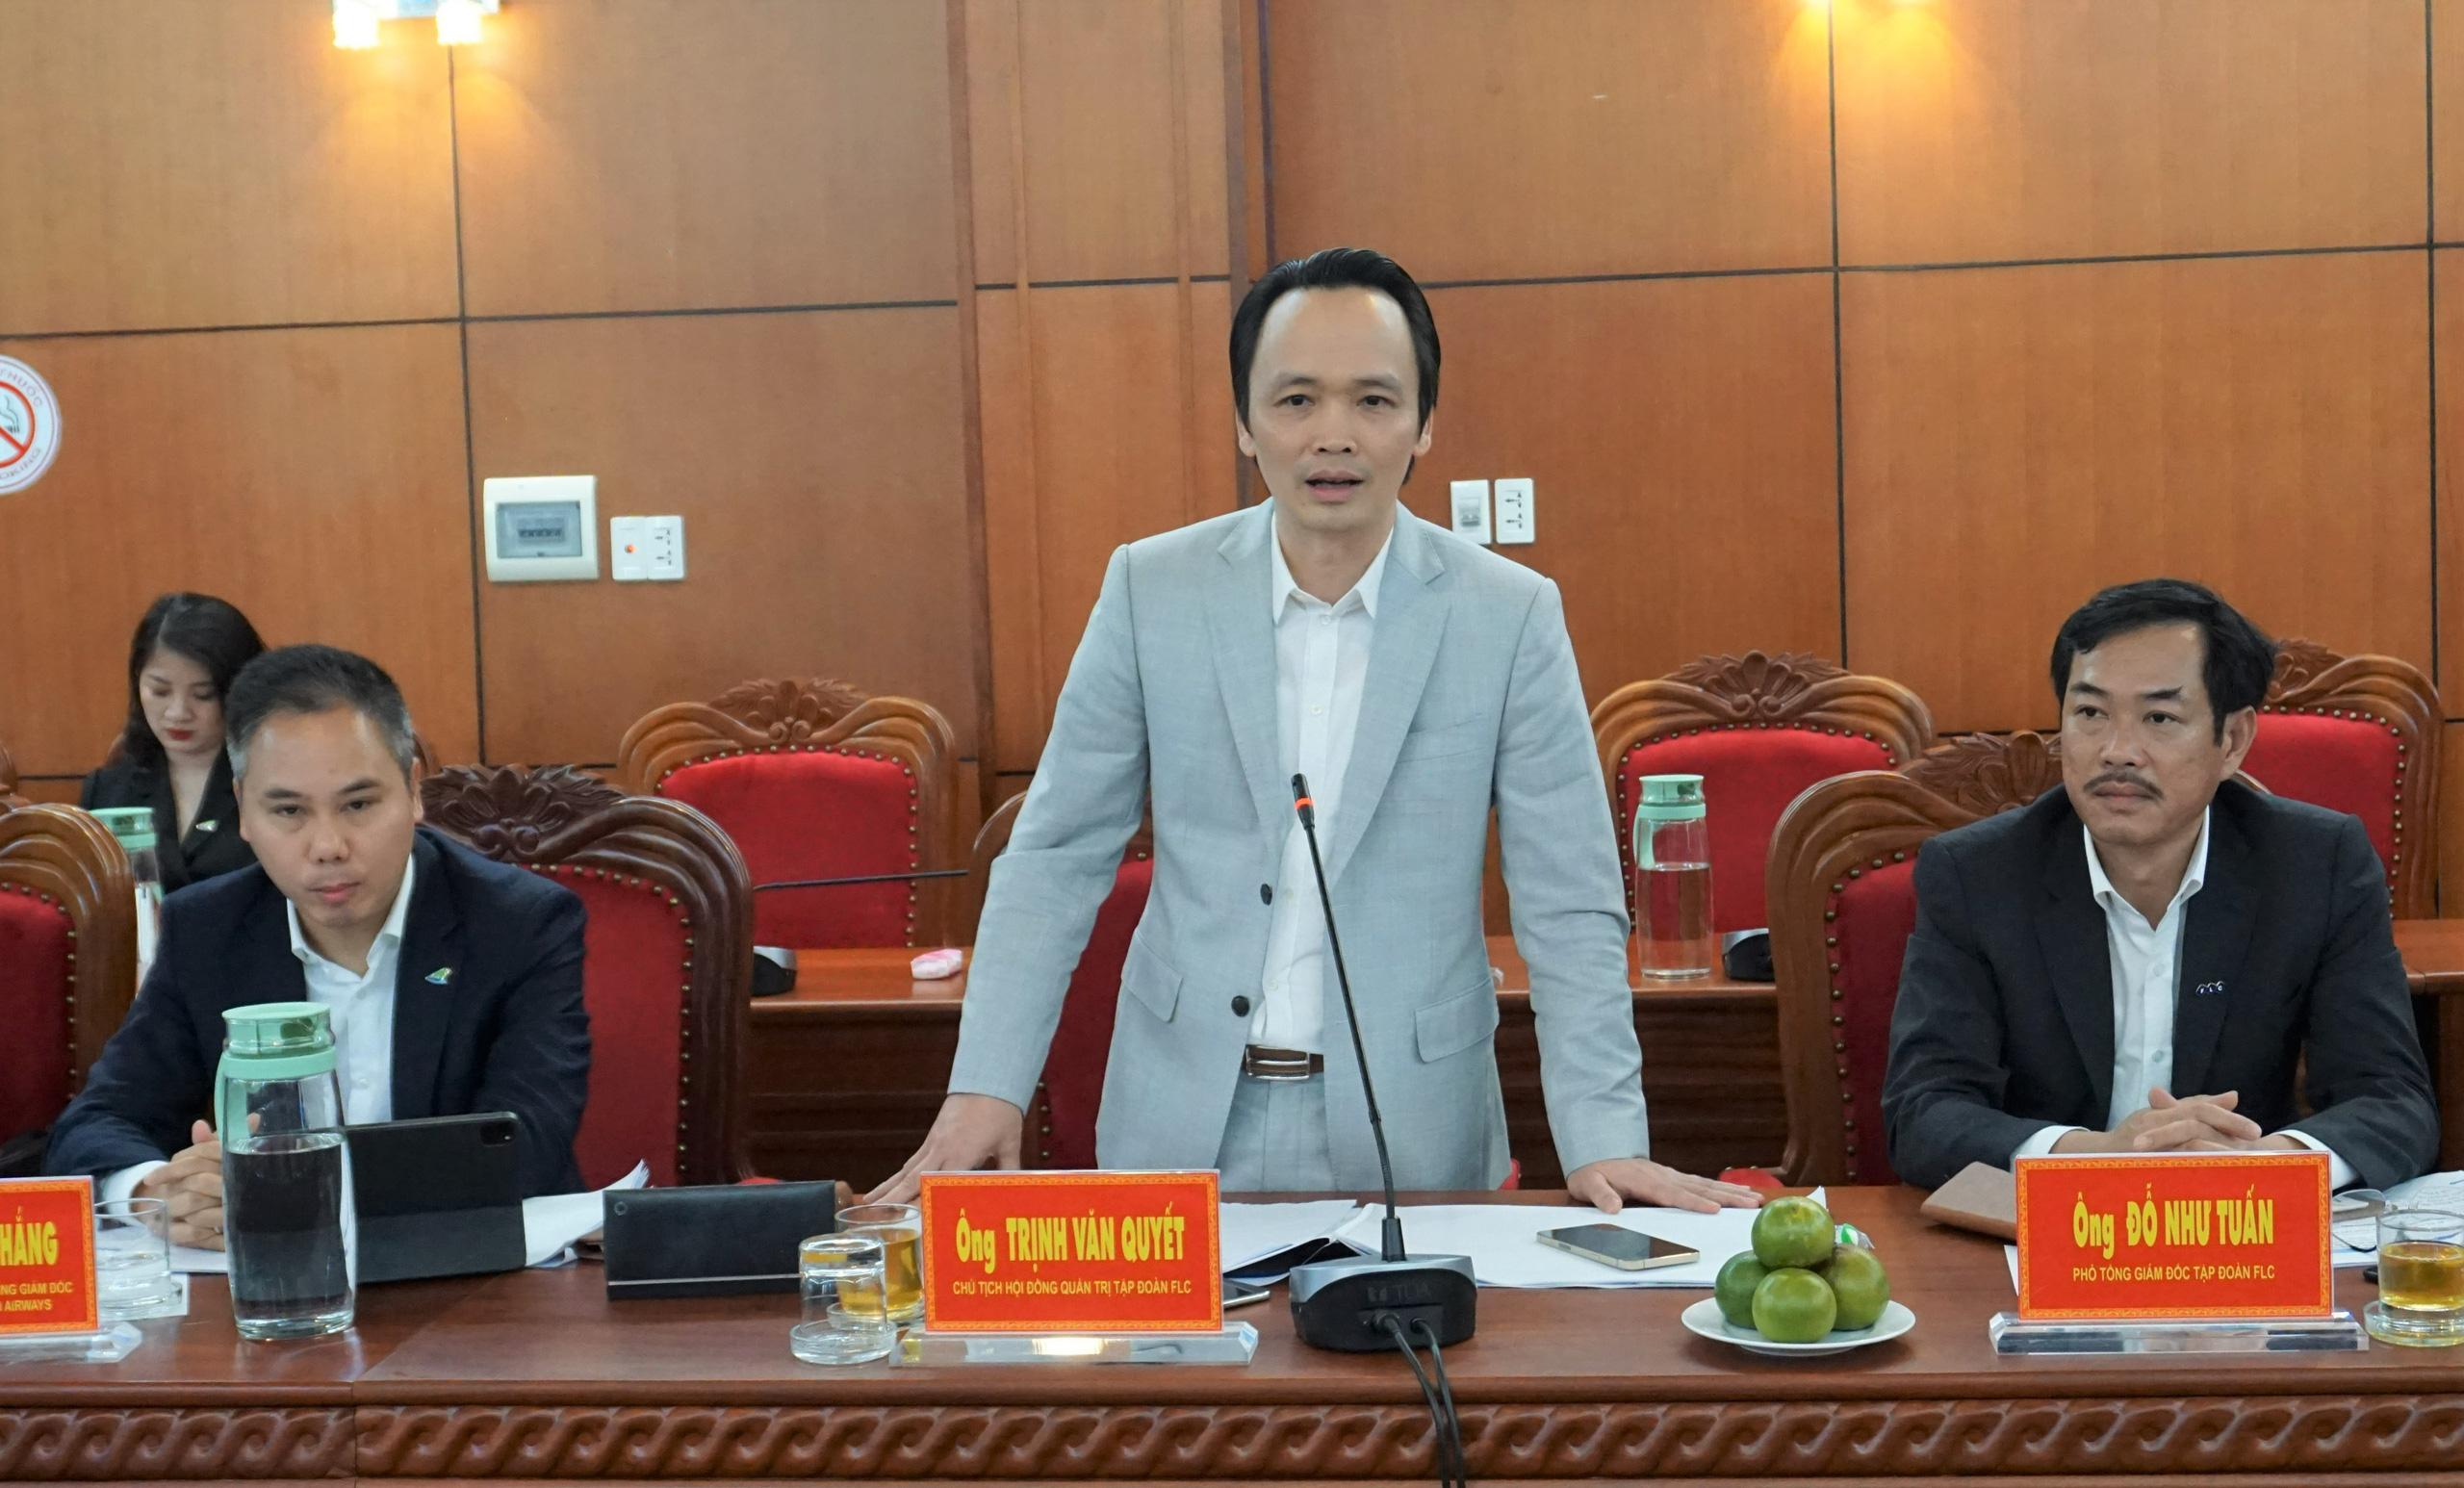 Tập đoàn FLC muốn đầu tư 6 dự án tại Đắk Lắk - Ảnh 1.